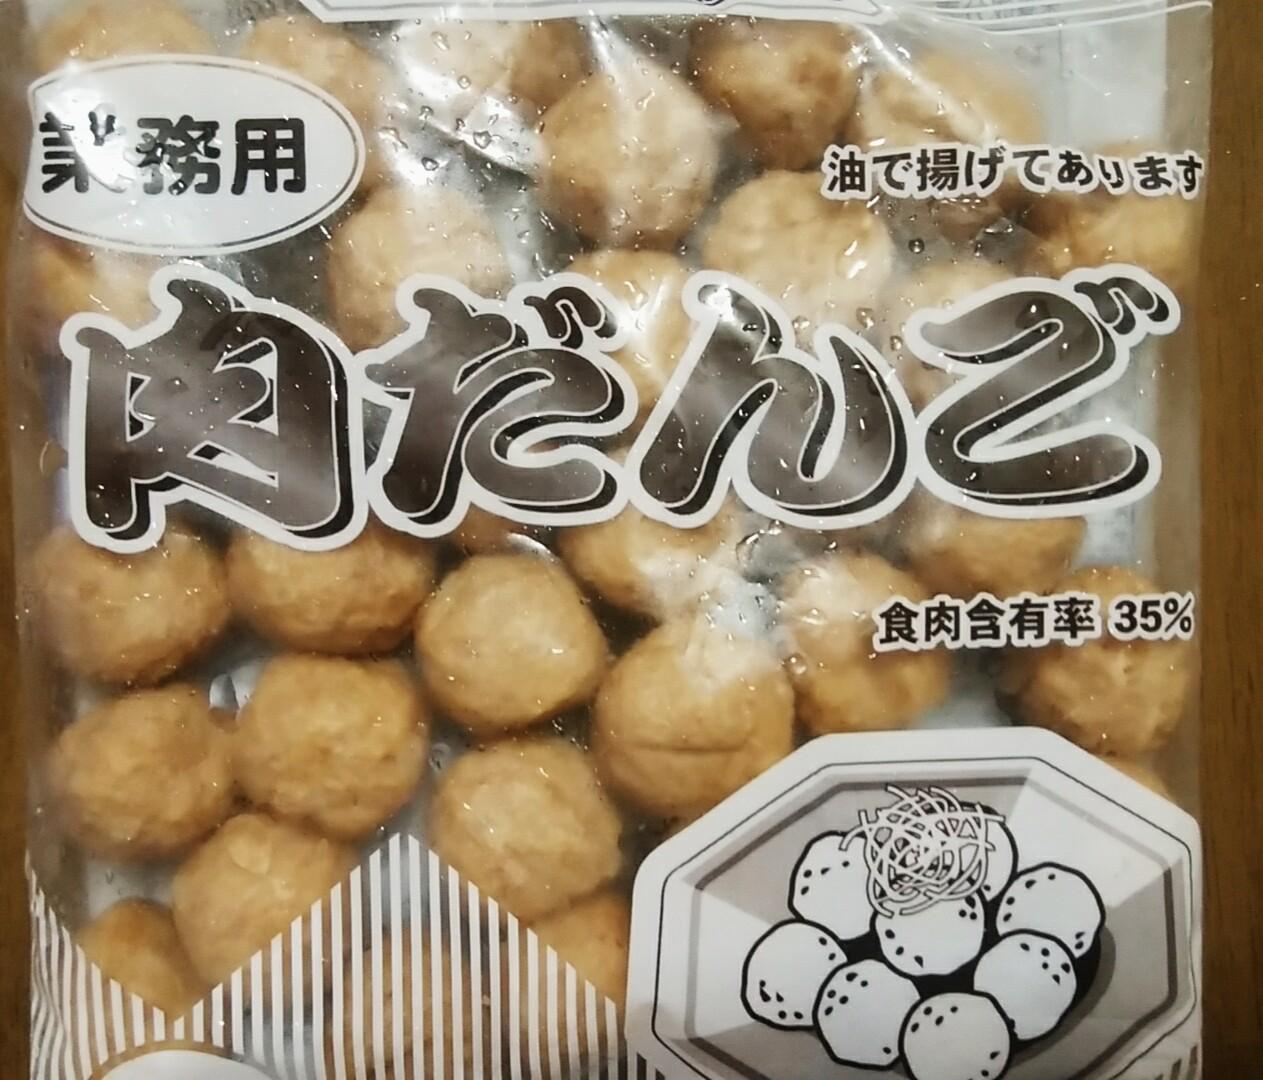 スーパー 団子 アレンジ 肉 業務